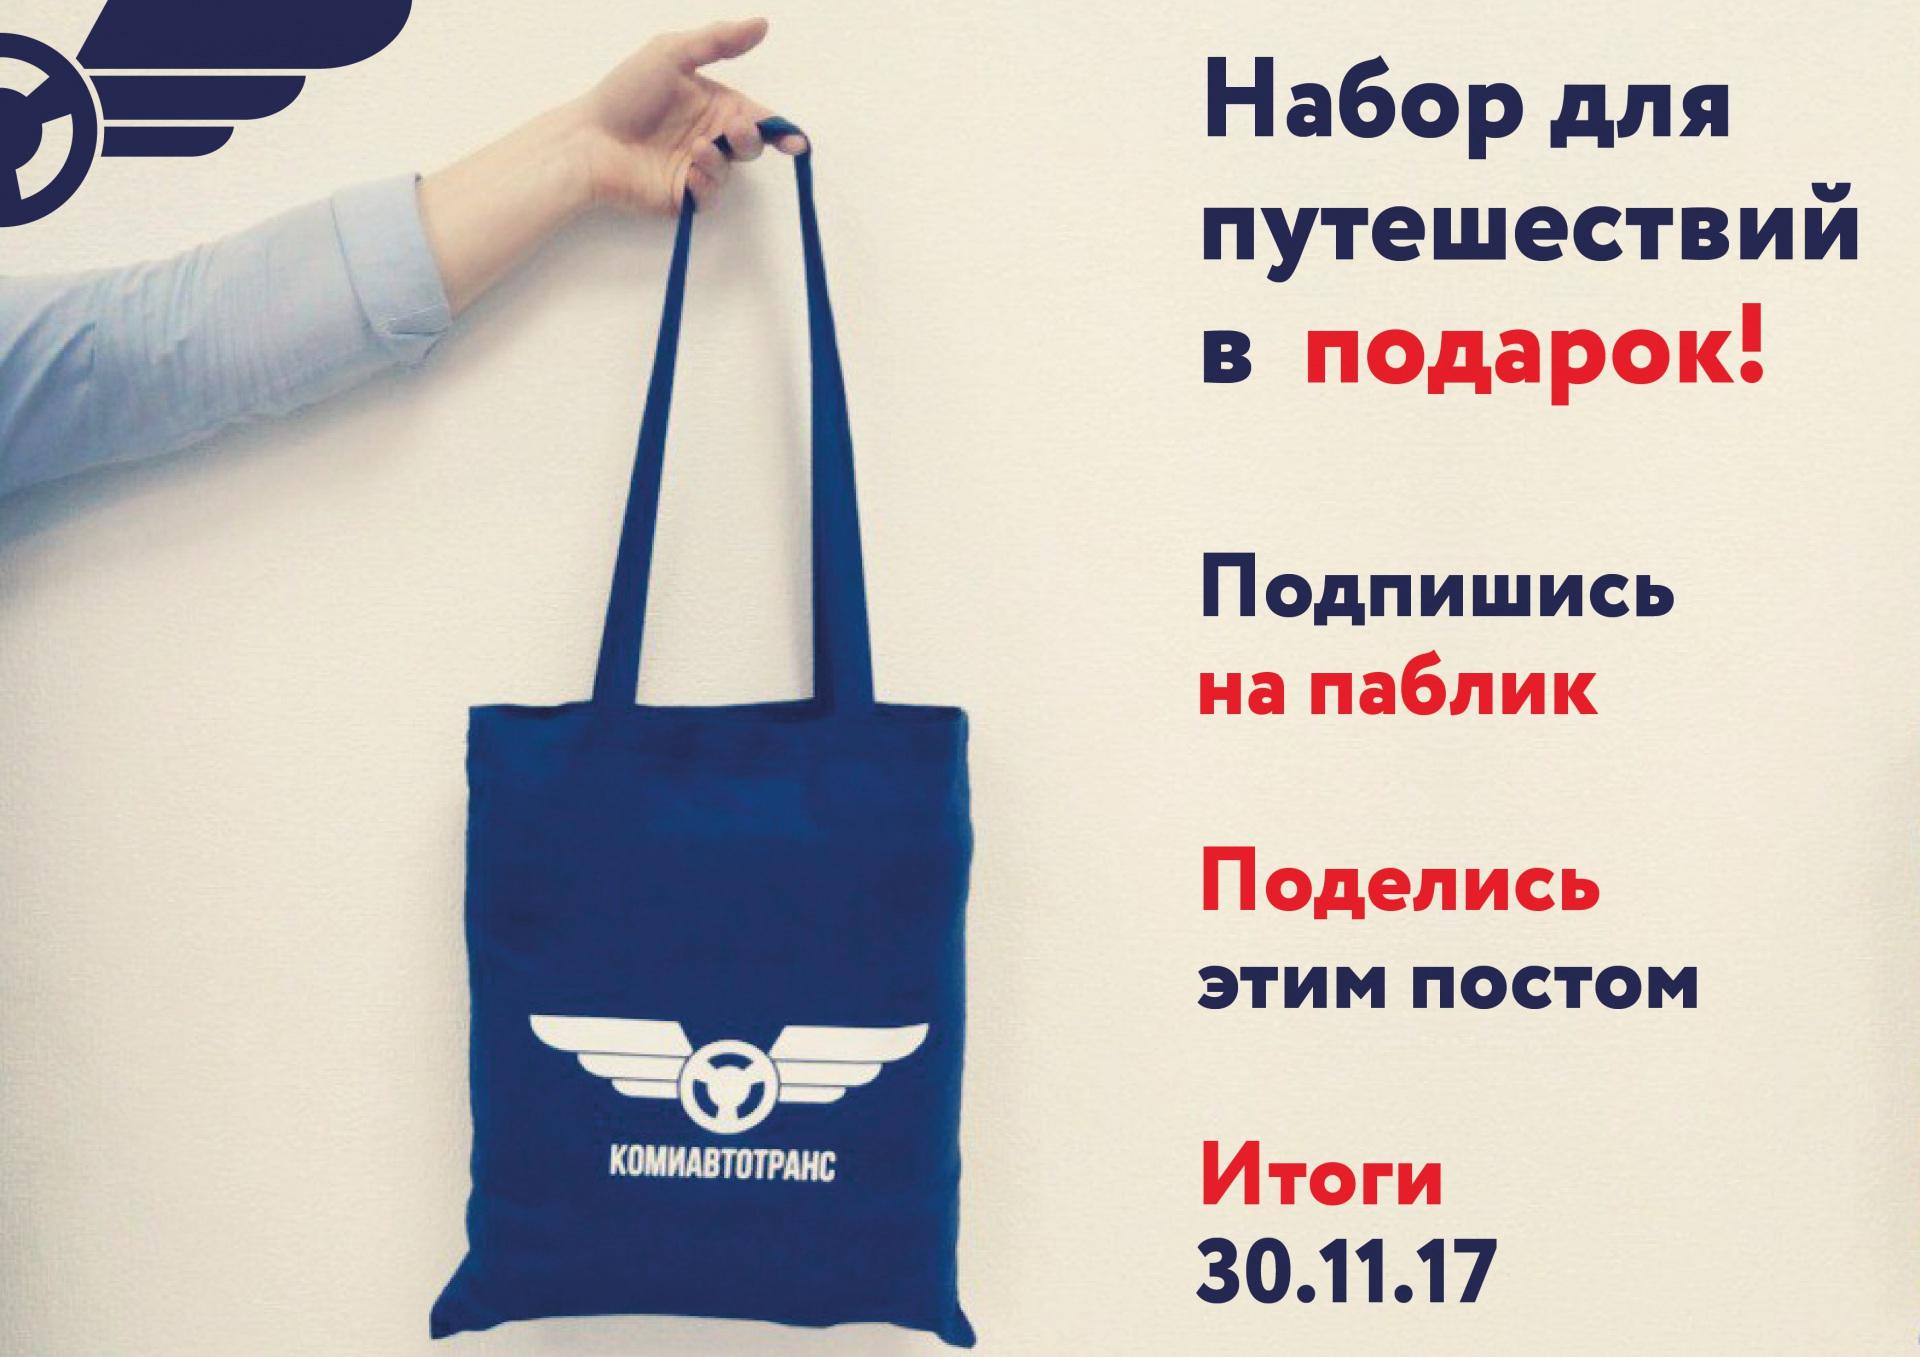 Post-dlya-VK_Rozygrysch-nabora-dlya-puteschestvii-01.jpg